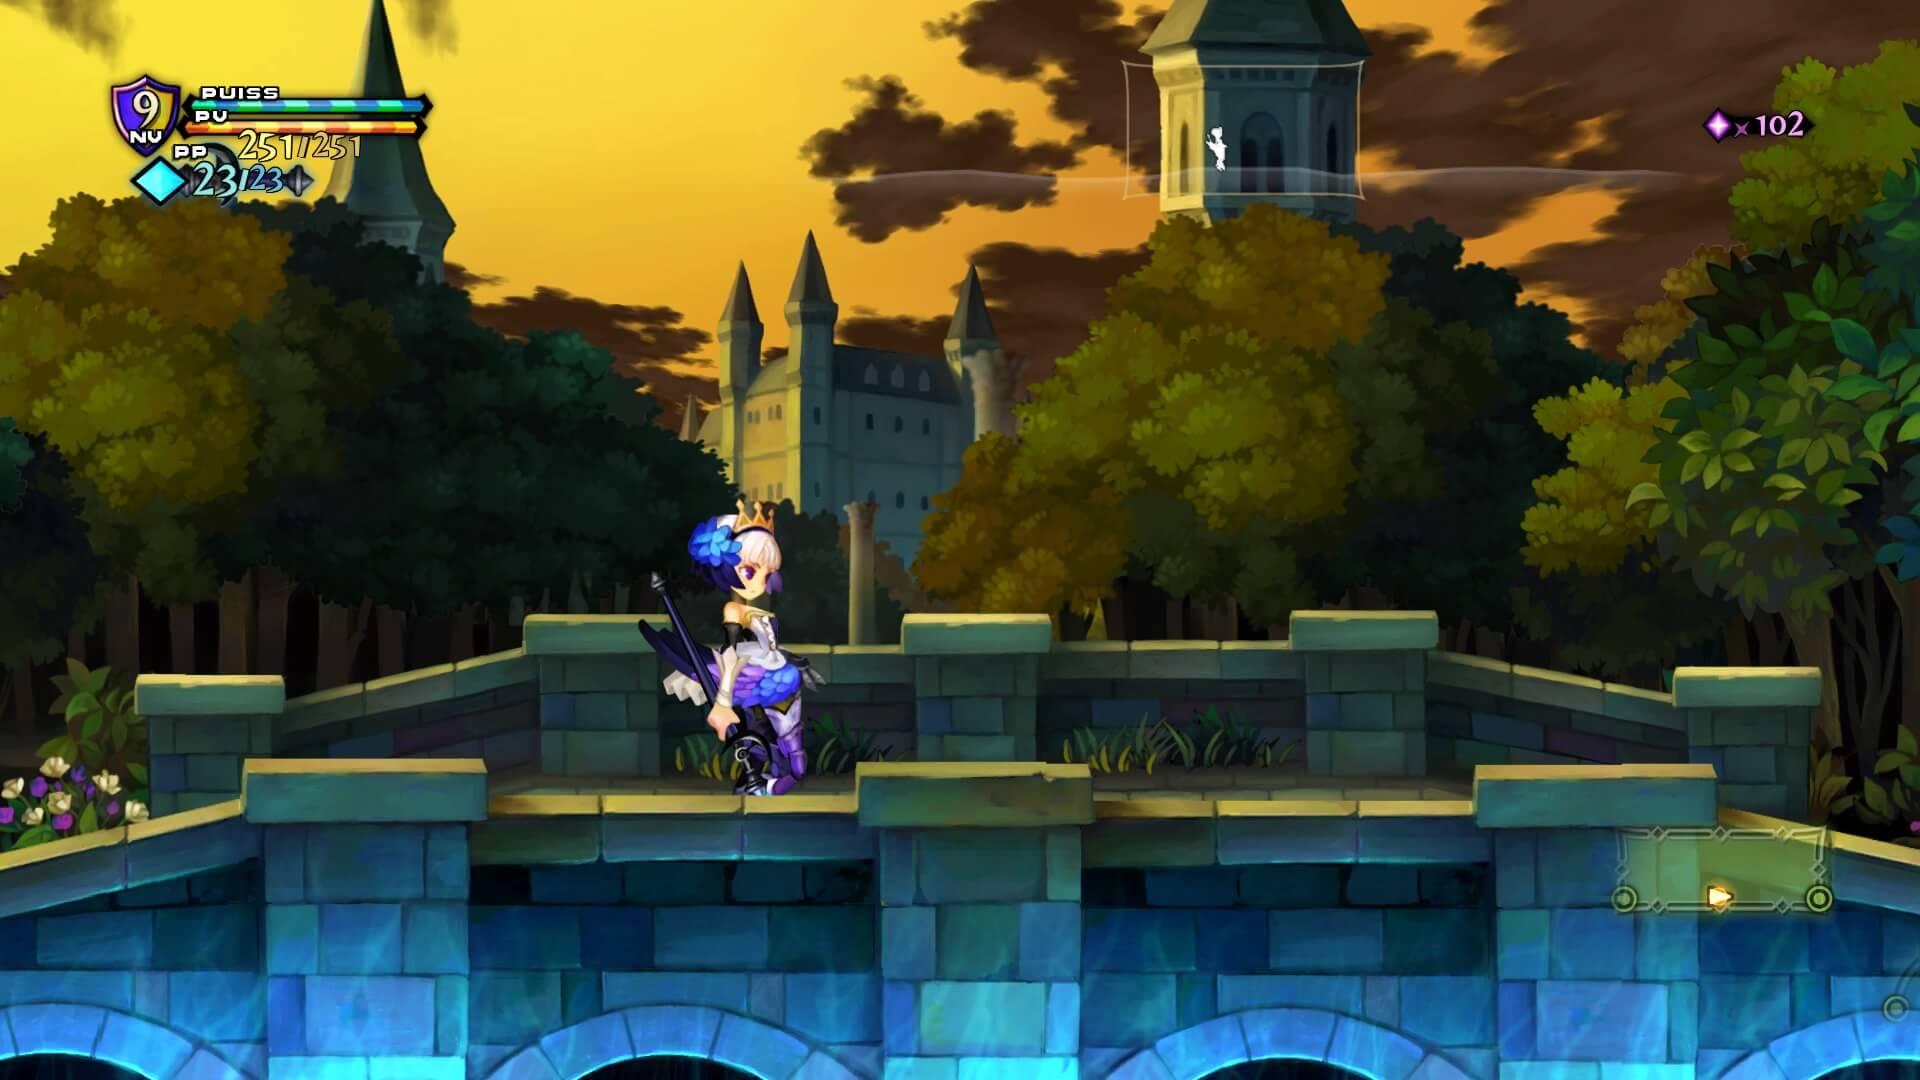 Le gameplay a également été revu et corrigé.